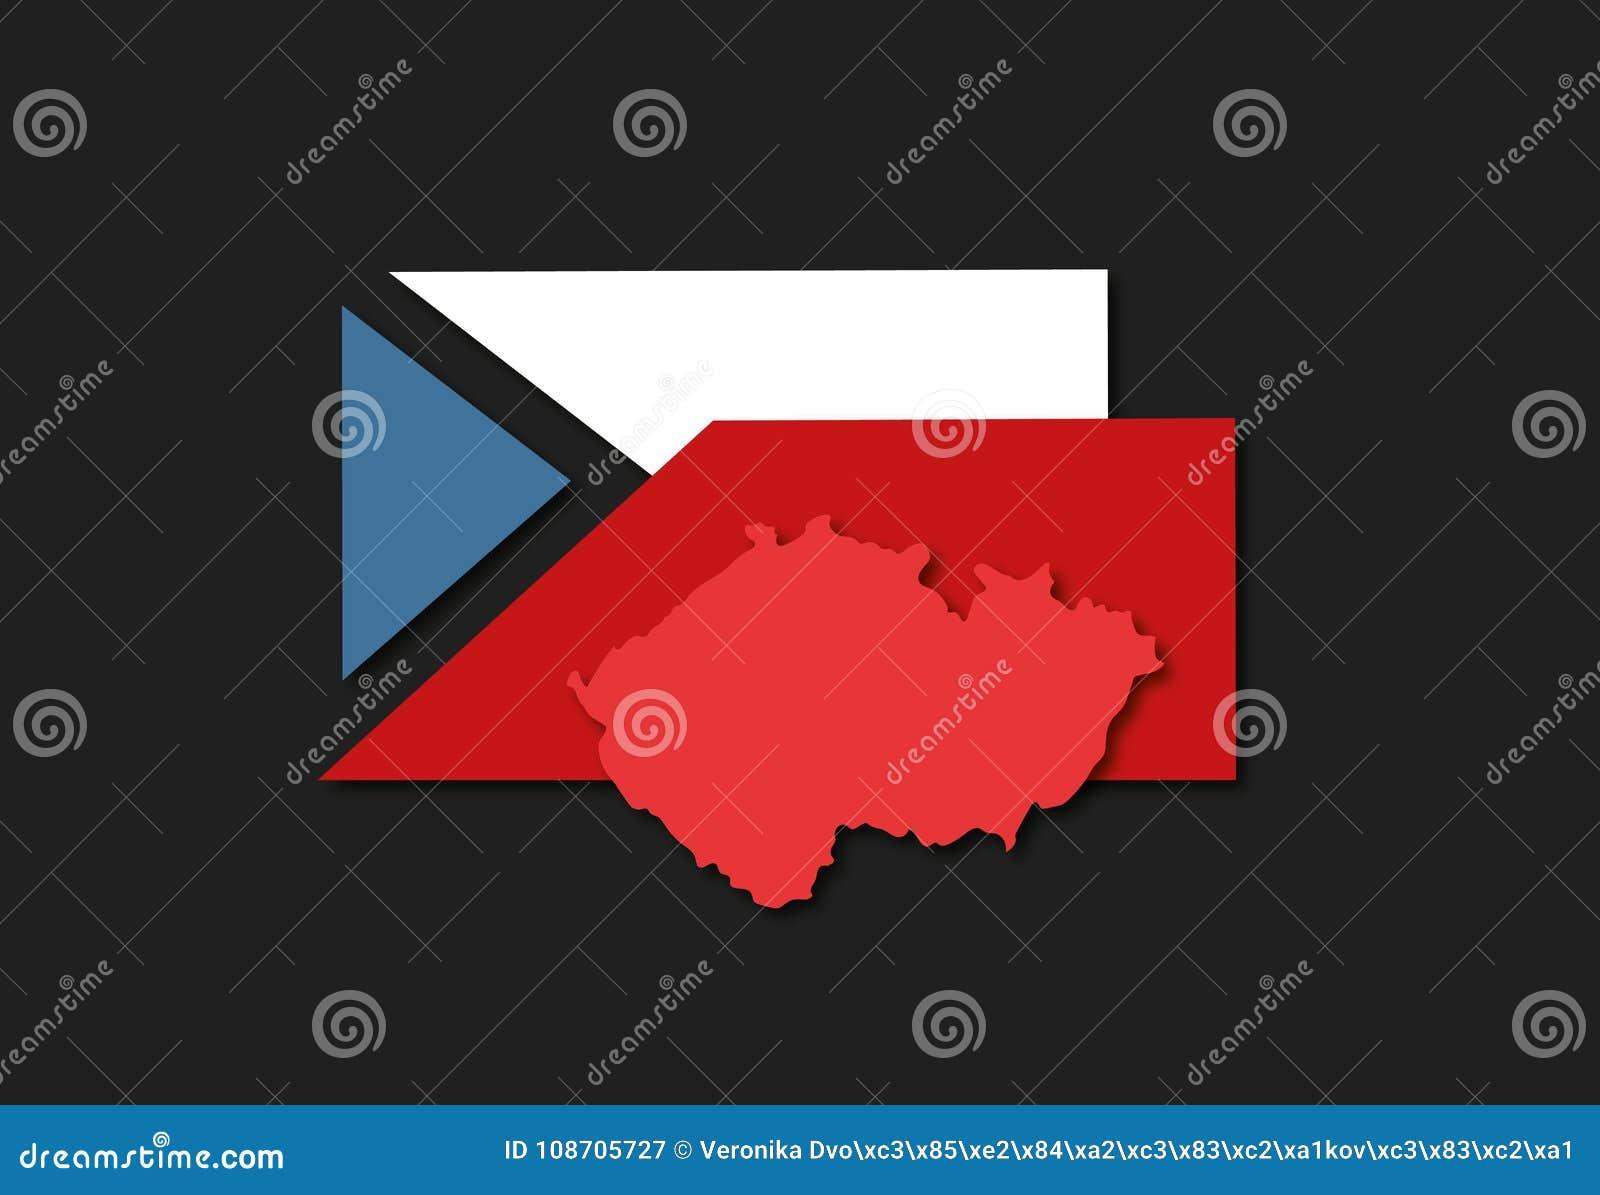 Infographics zur Präsidentschaftswahl in der Tschechischen Republik, welche die Ungleichheit von tschechischen Wählern hervorhebt